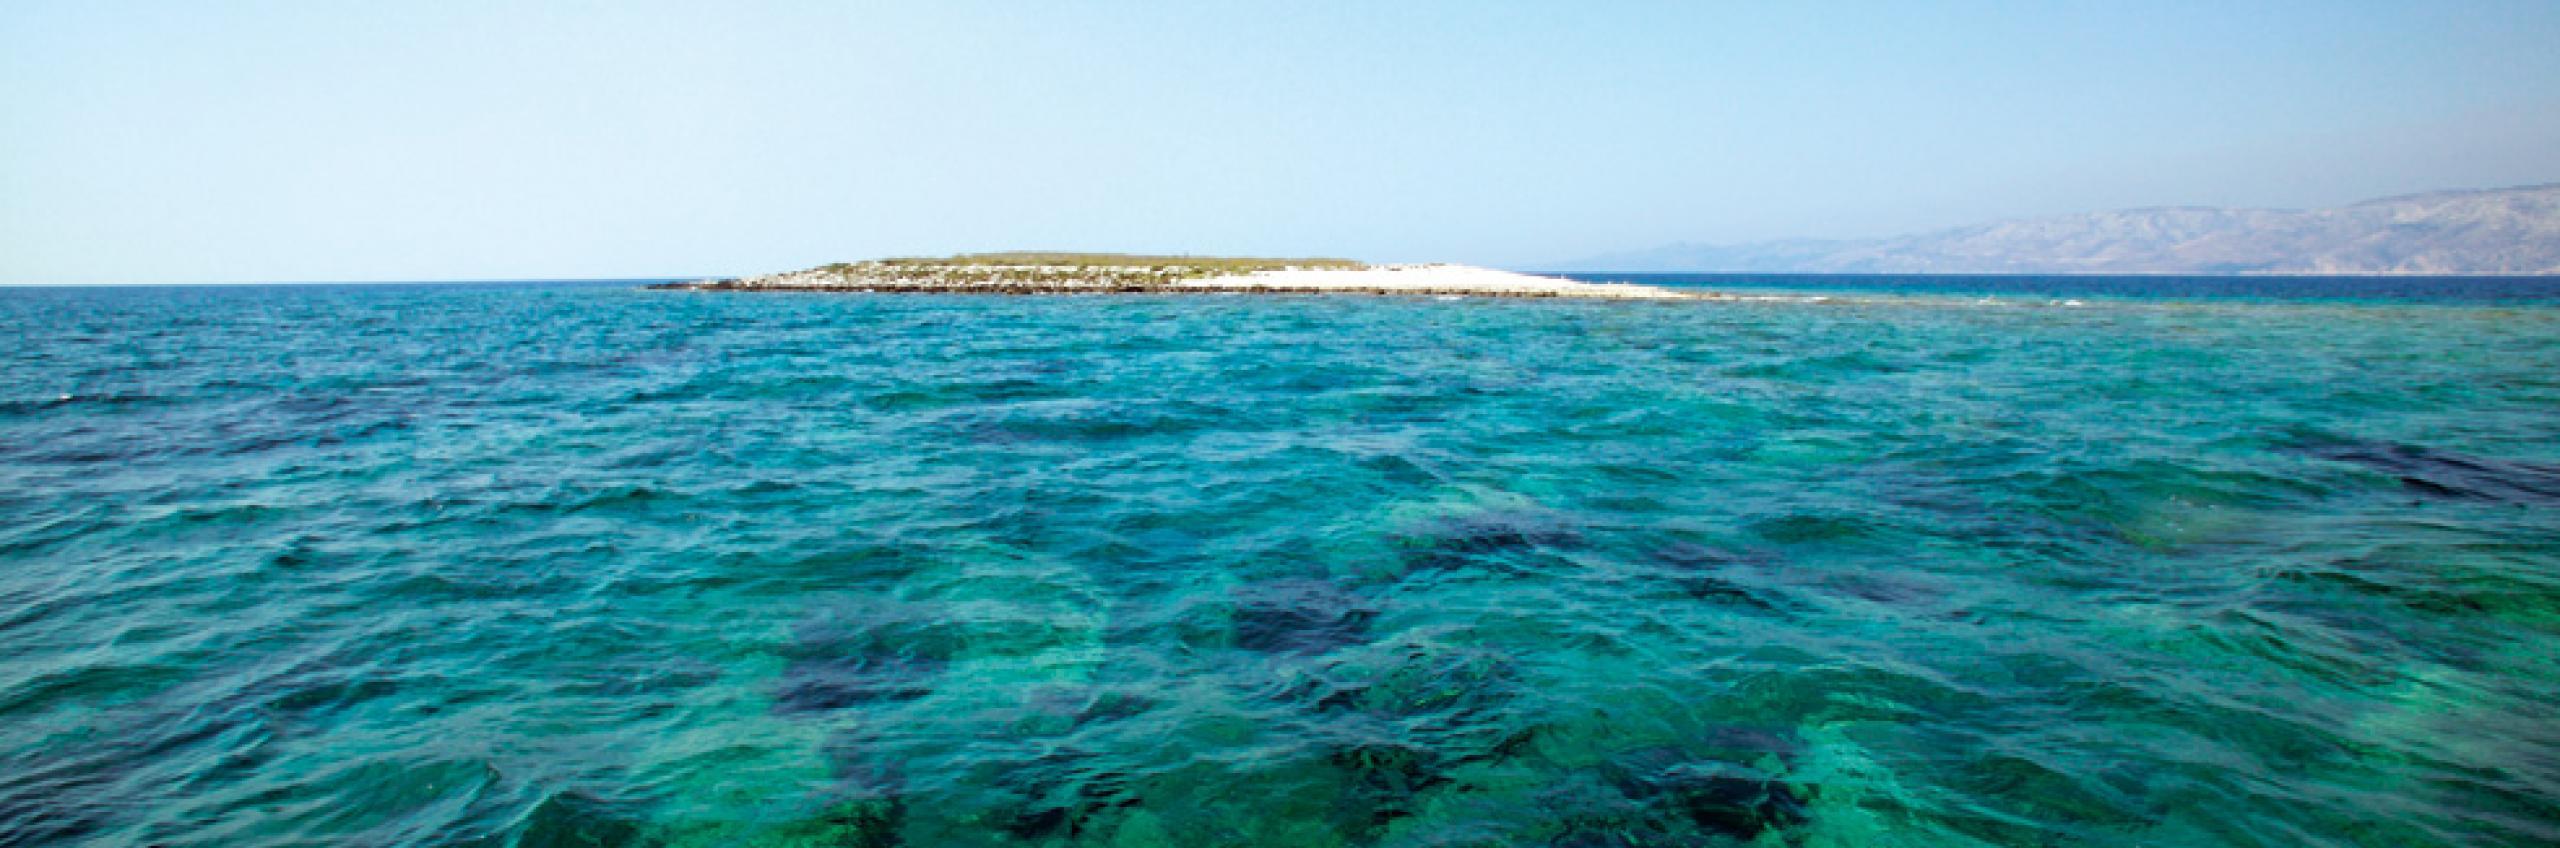 Lukavci Islets